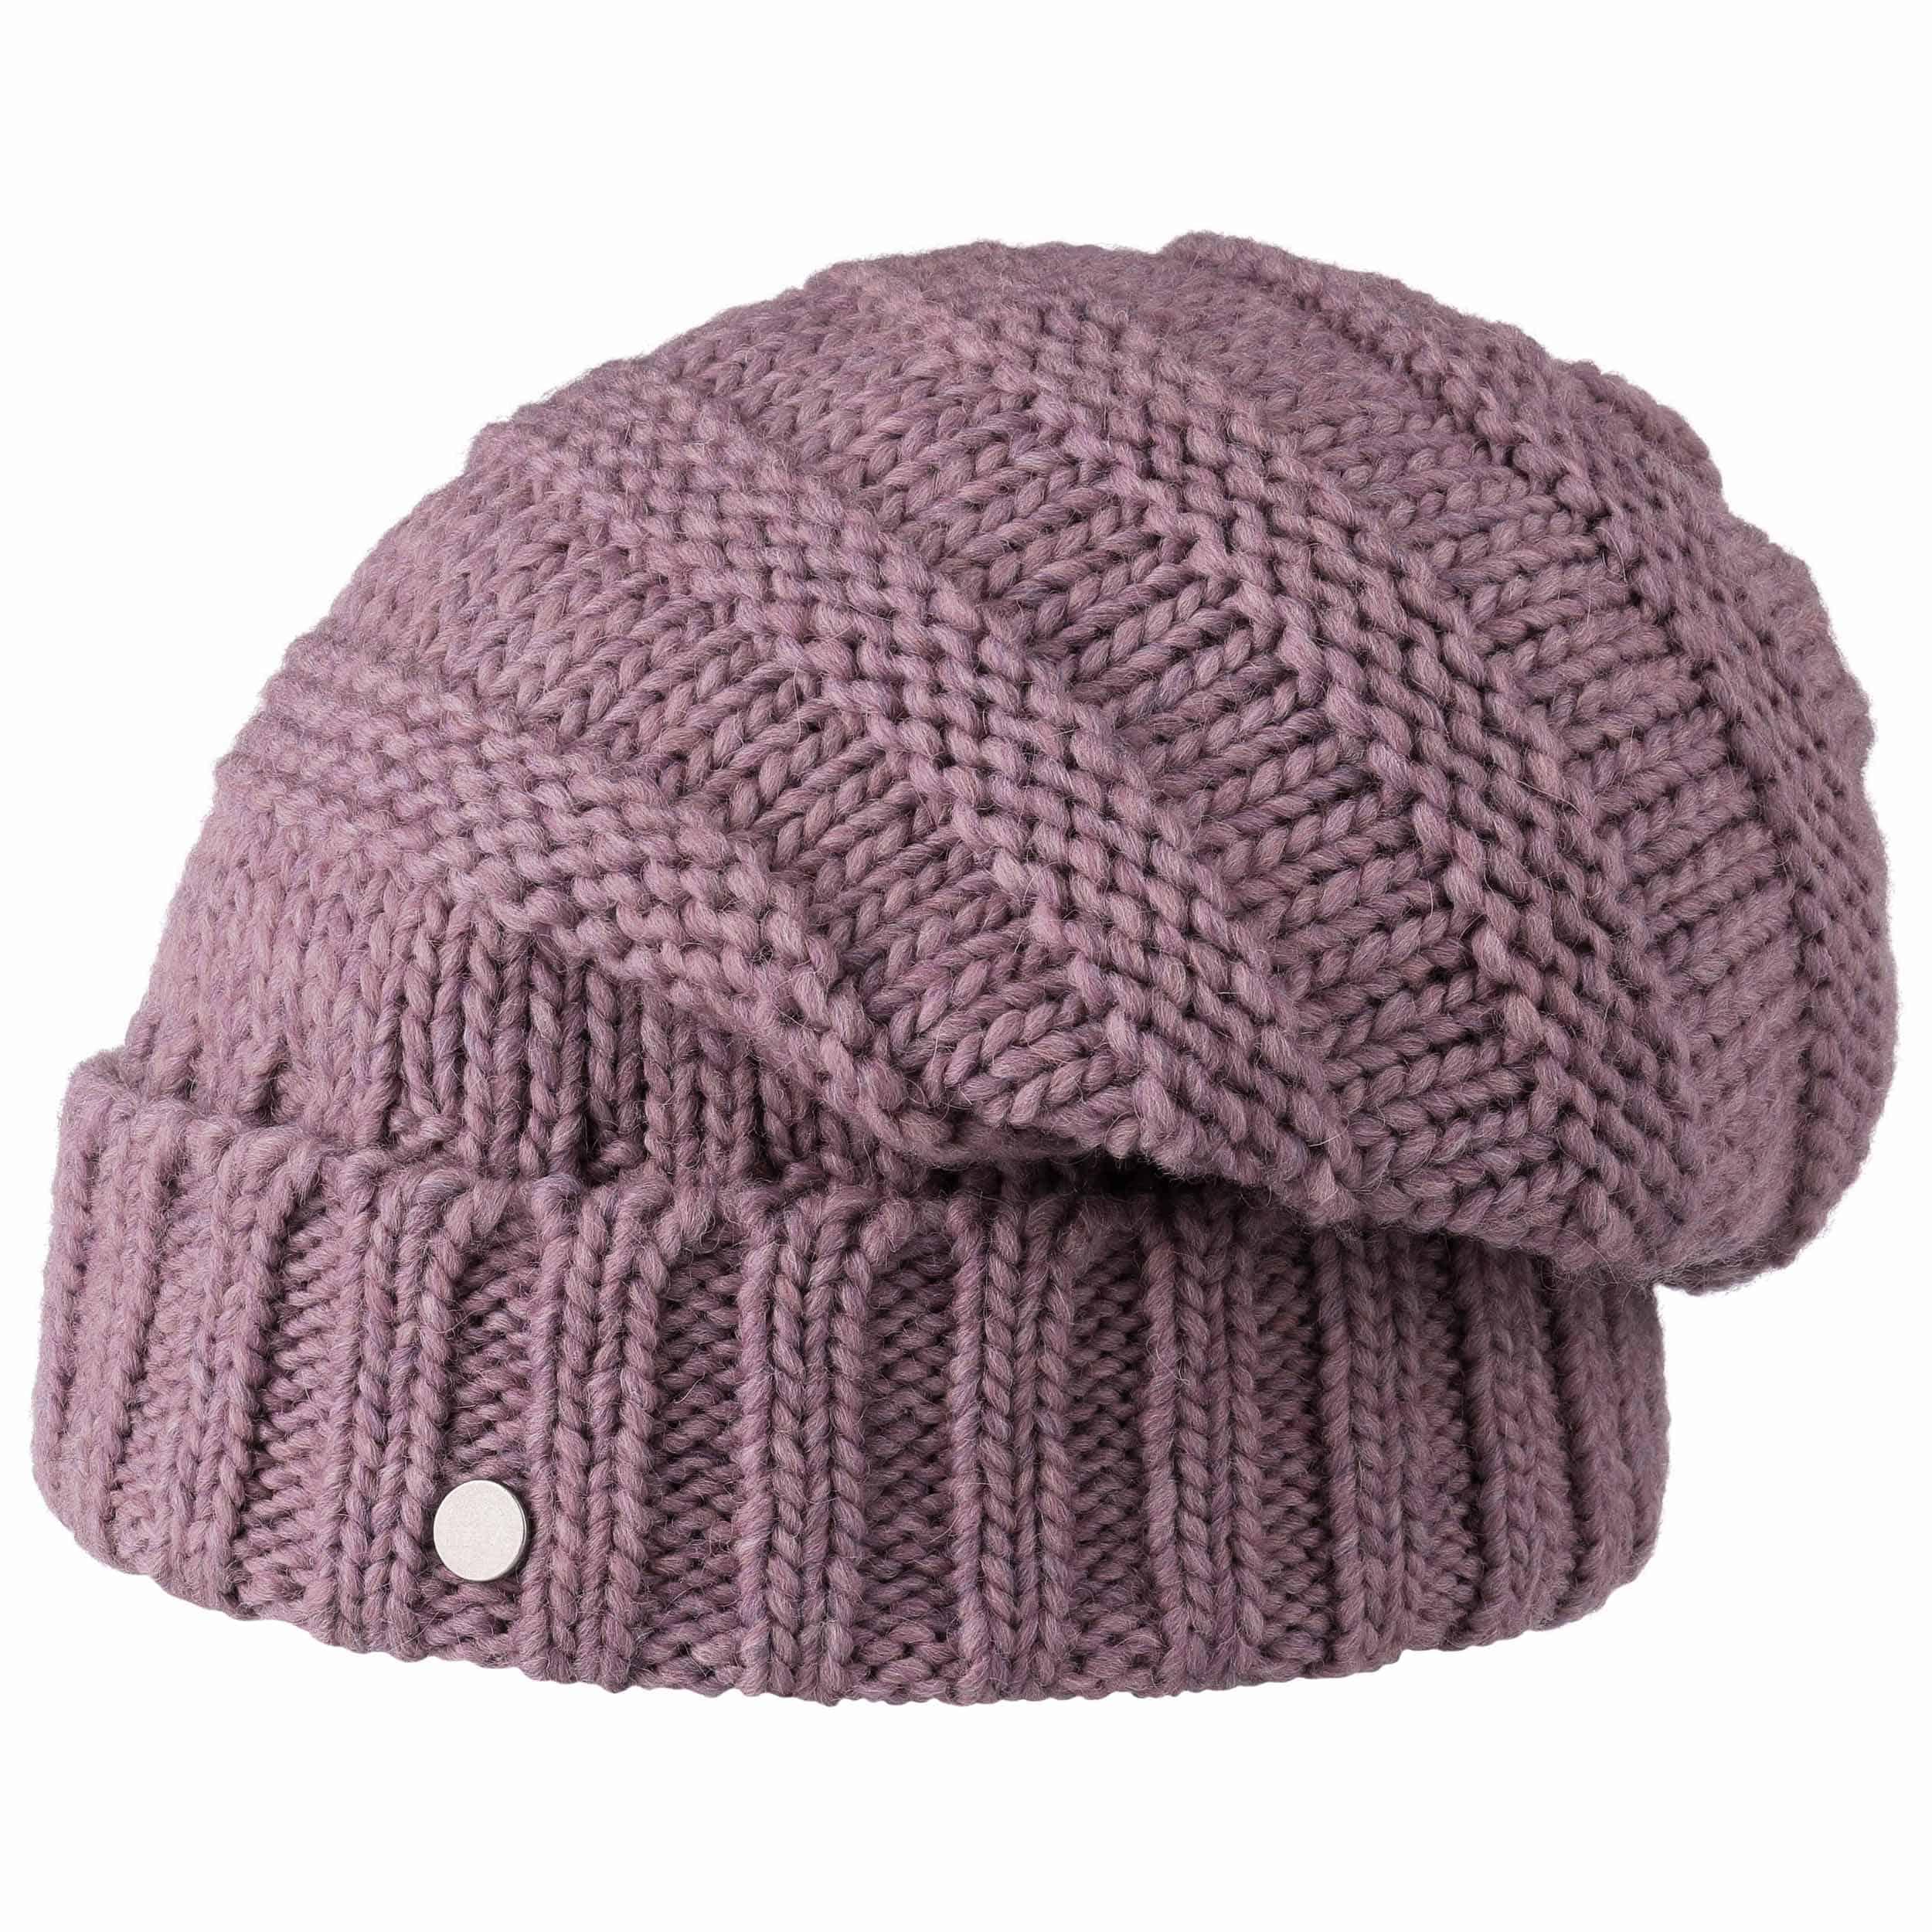 Knitting Pattern Long Beanie : Long Beanie Knit Hat by Lierys, GBP 45,95 --> Hats, caps ...